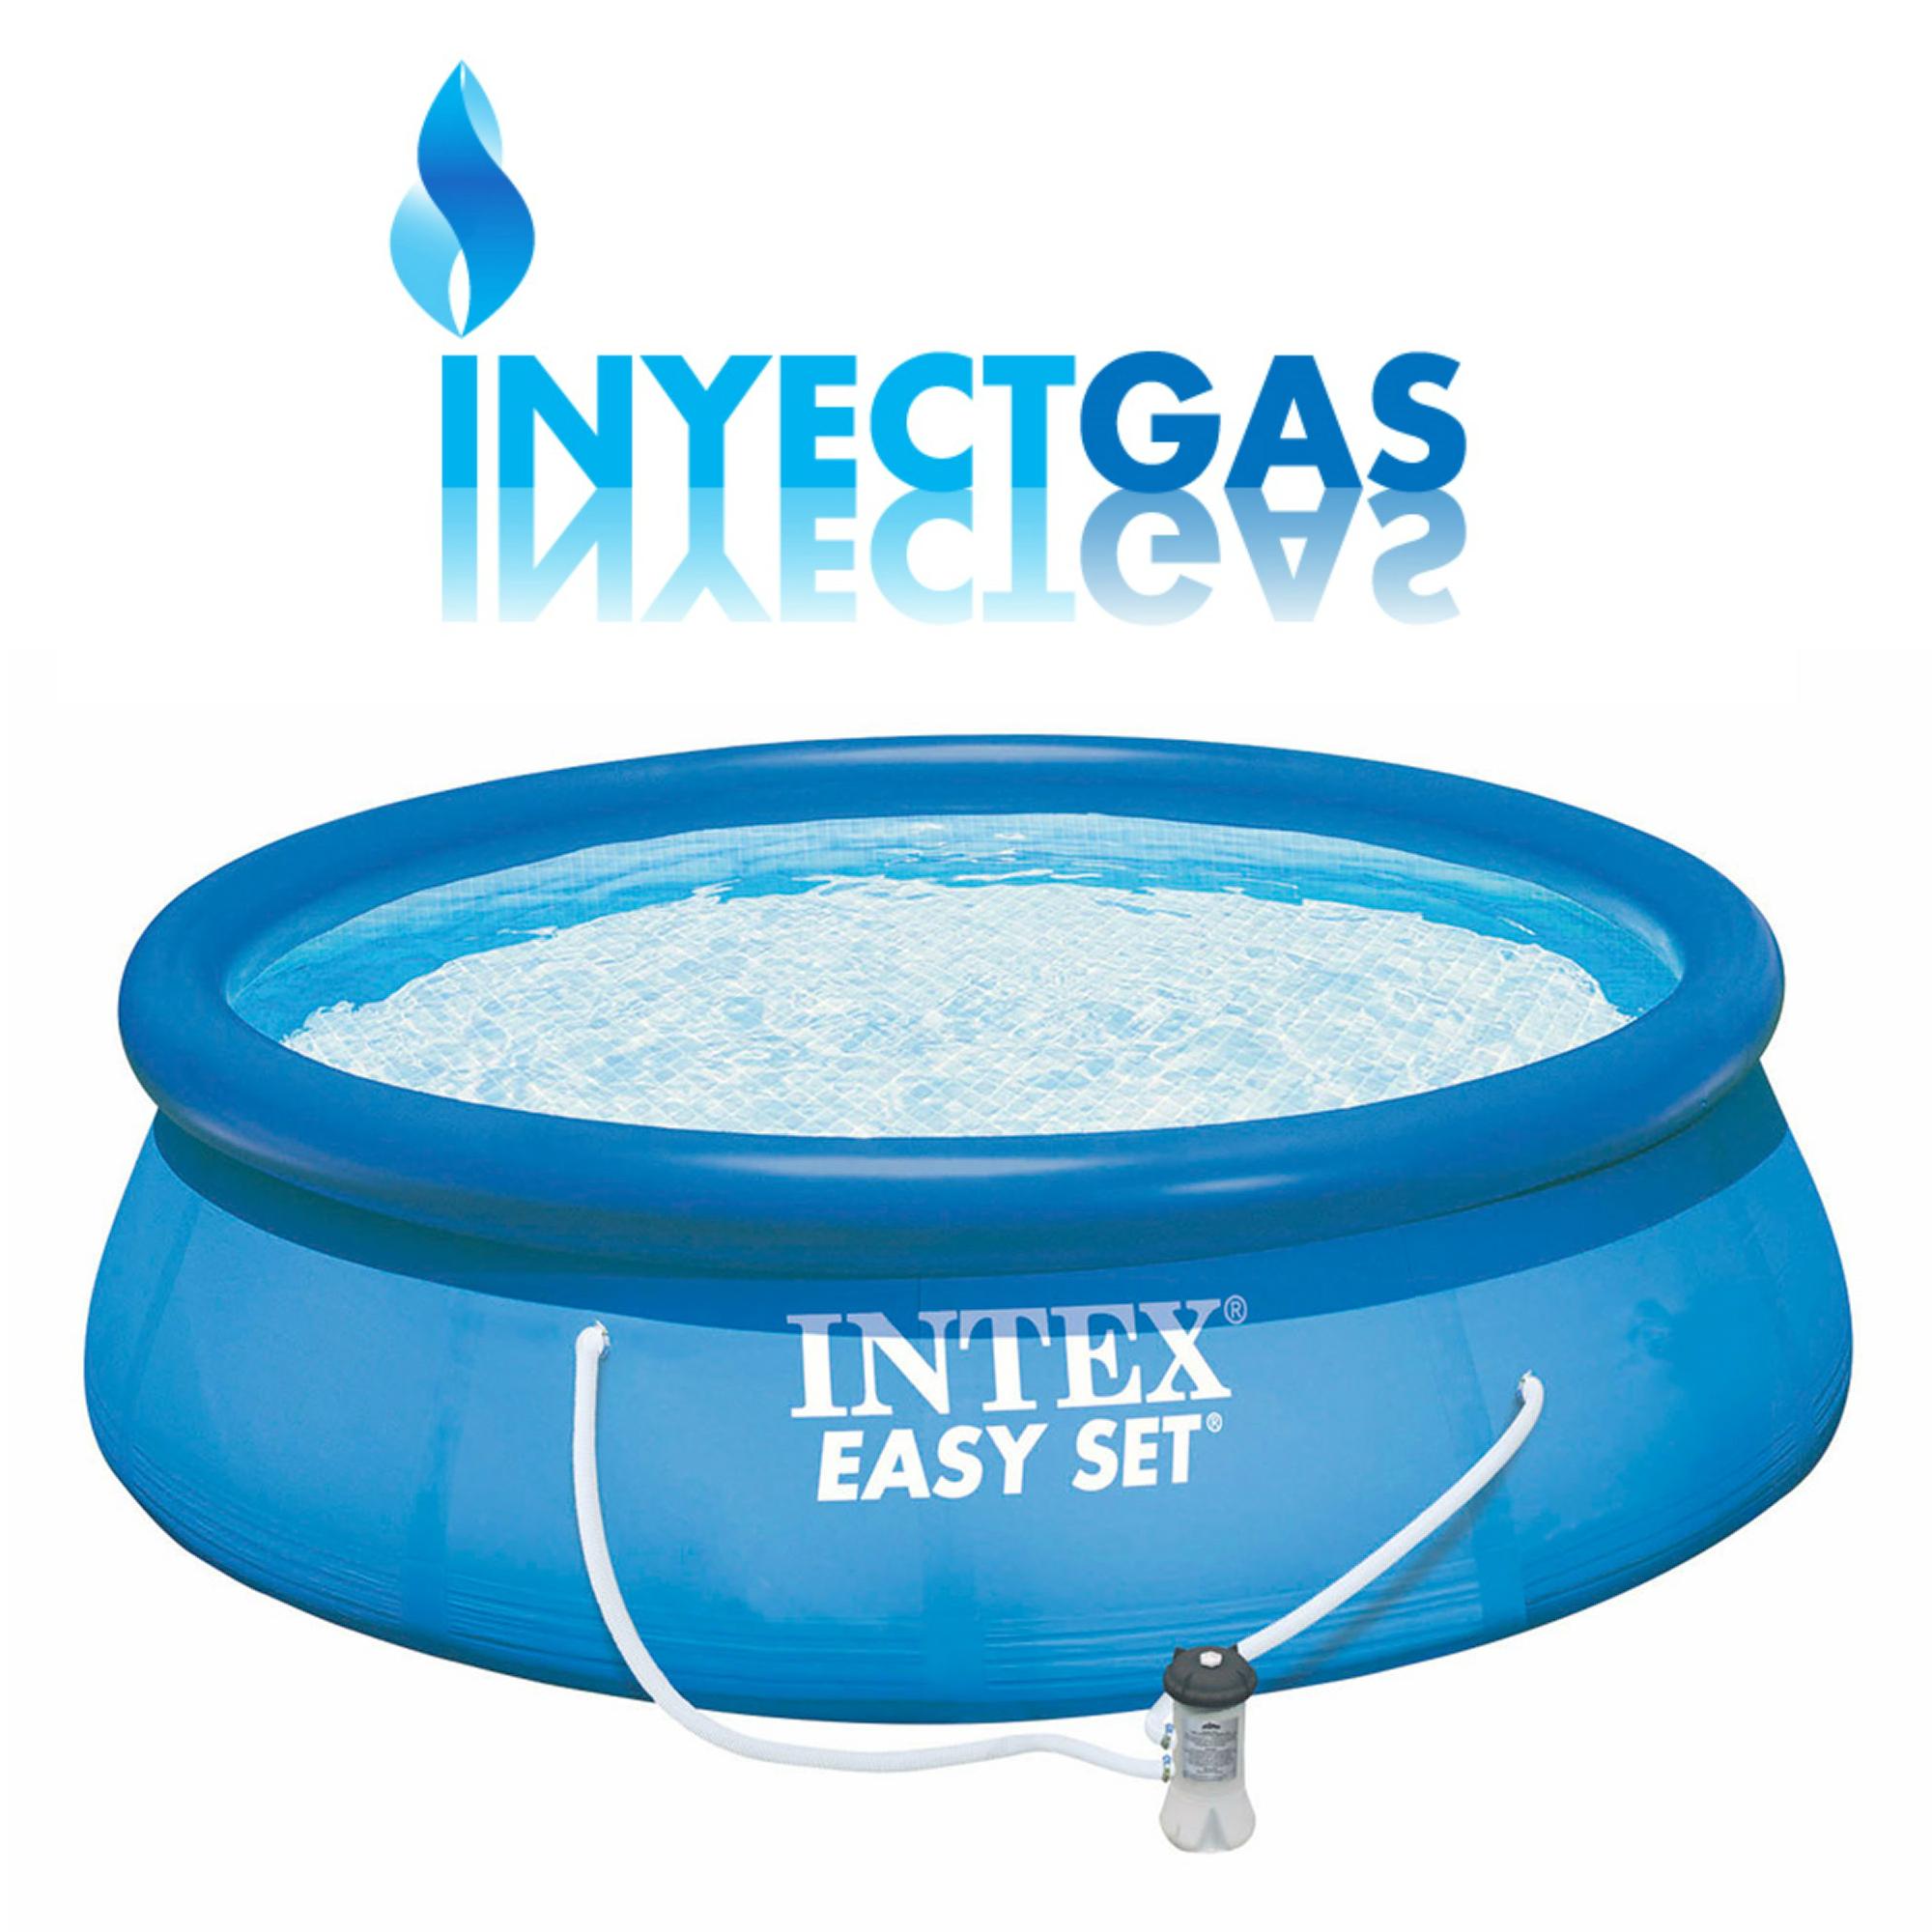 Pileta intex easy set 457 x 122 cm bomba filtrante for Piletas estructurales intex precio